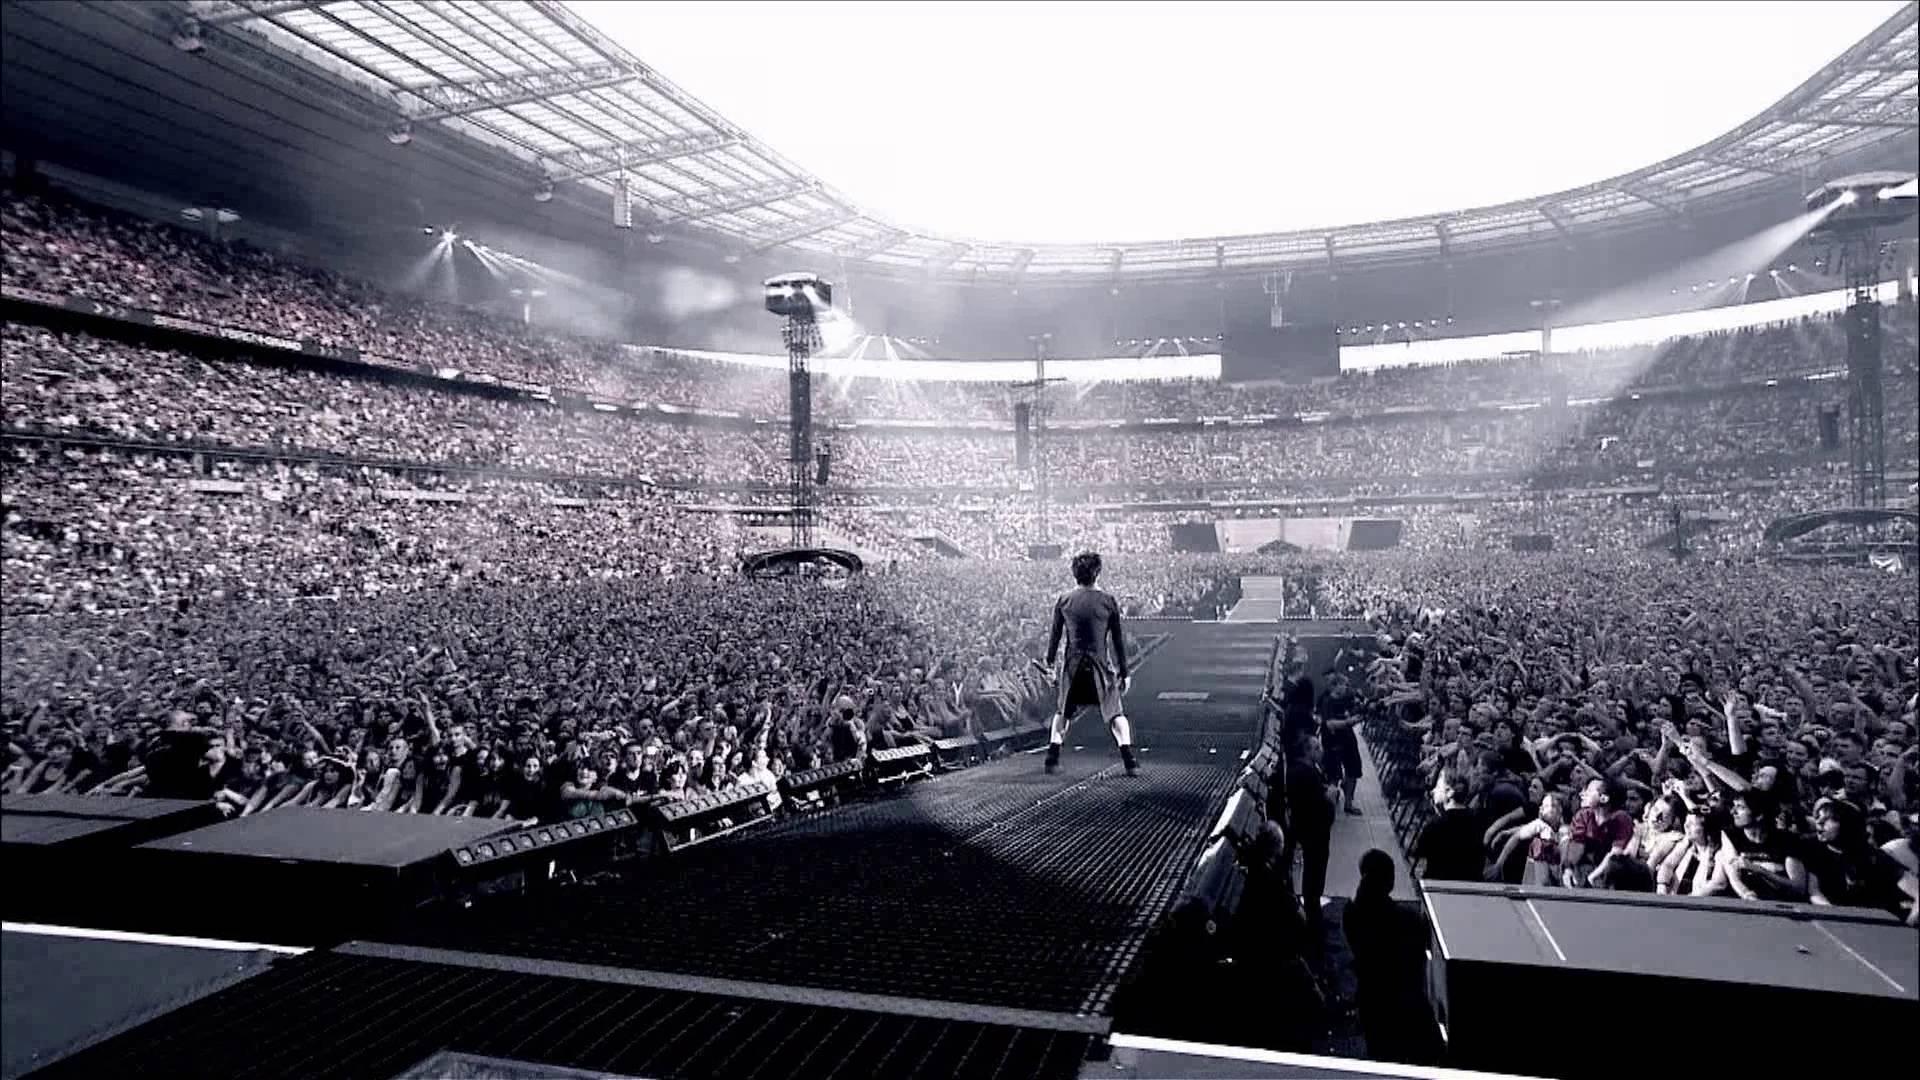 FOCUS / Les stades de Ligue 1 de football se mettent aux concerts : Coldplay, Céline Dion, Bruno Mars, Vieilles Canailles, etc.